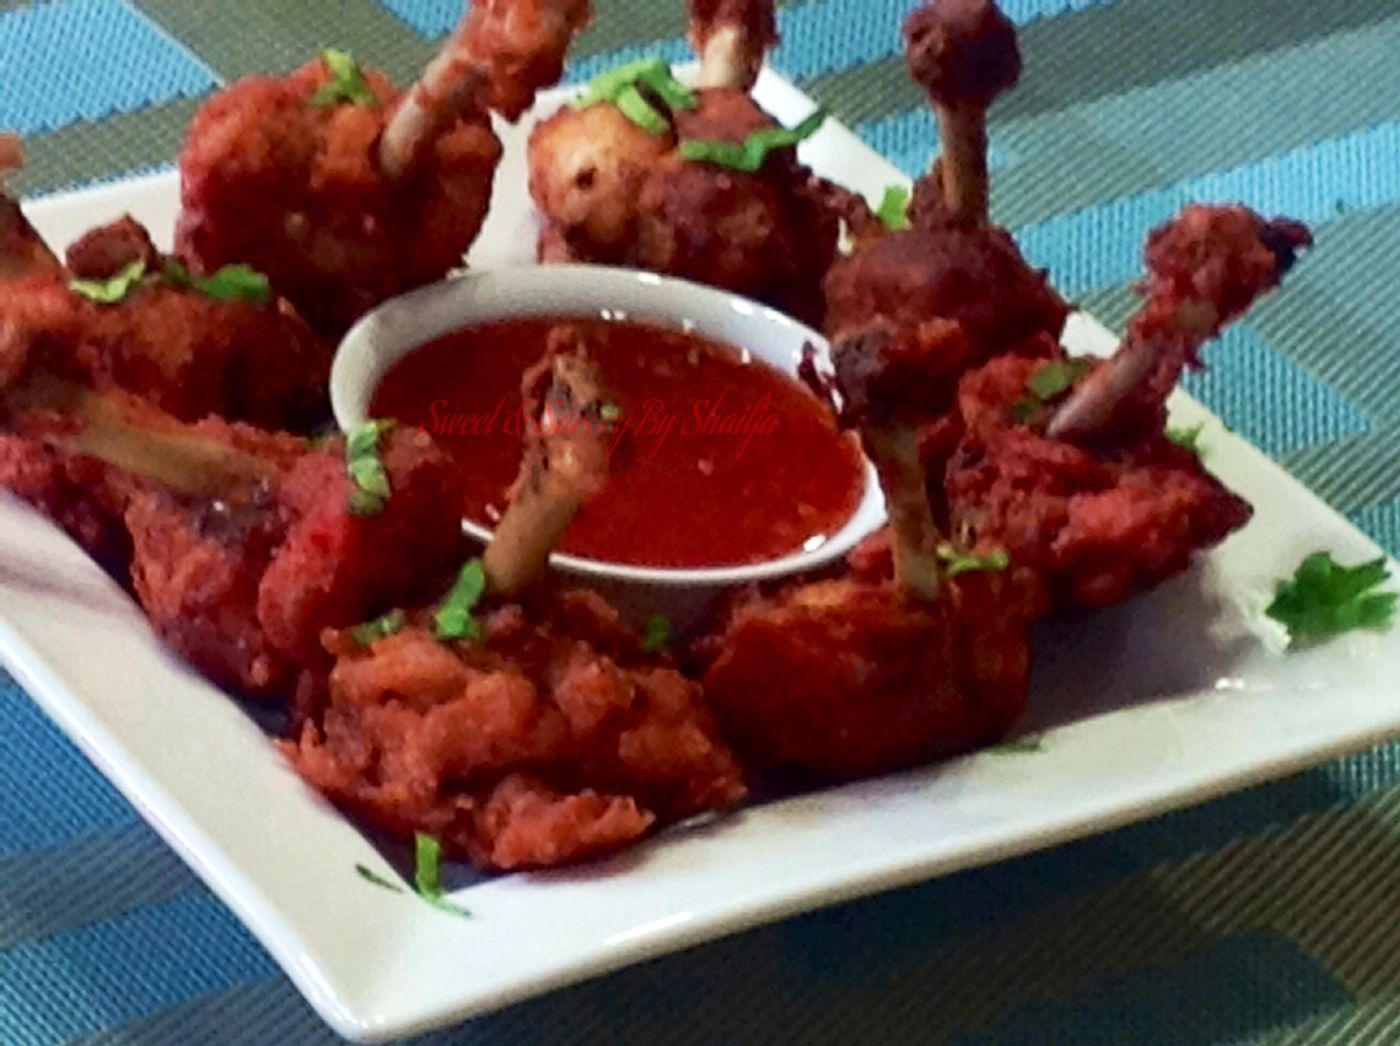 Chicken lollipops drums in heaven chicken lollipops chinese food chicken lollipops vegetarian starterschicken lollipopssweet chilifinger foodsdrumsstreet foodrecipechinese cuisinegarlic sauce forumfinder Gallery